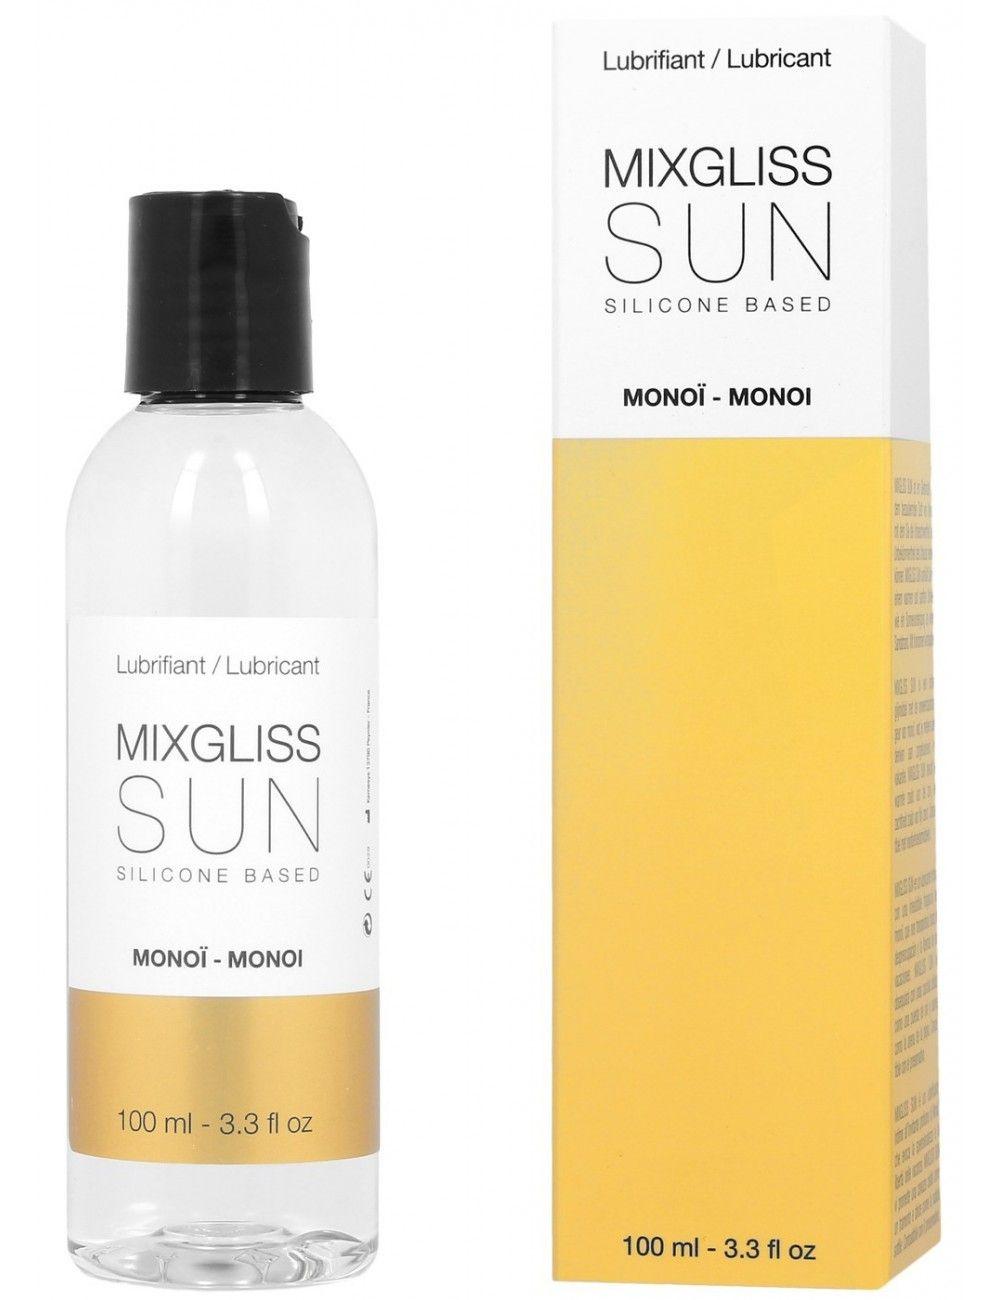 Lubrifiant Silicone Sun Monoi 100 ml Mixgliss